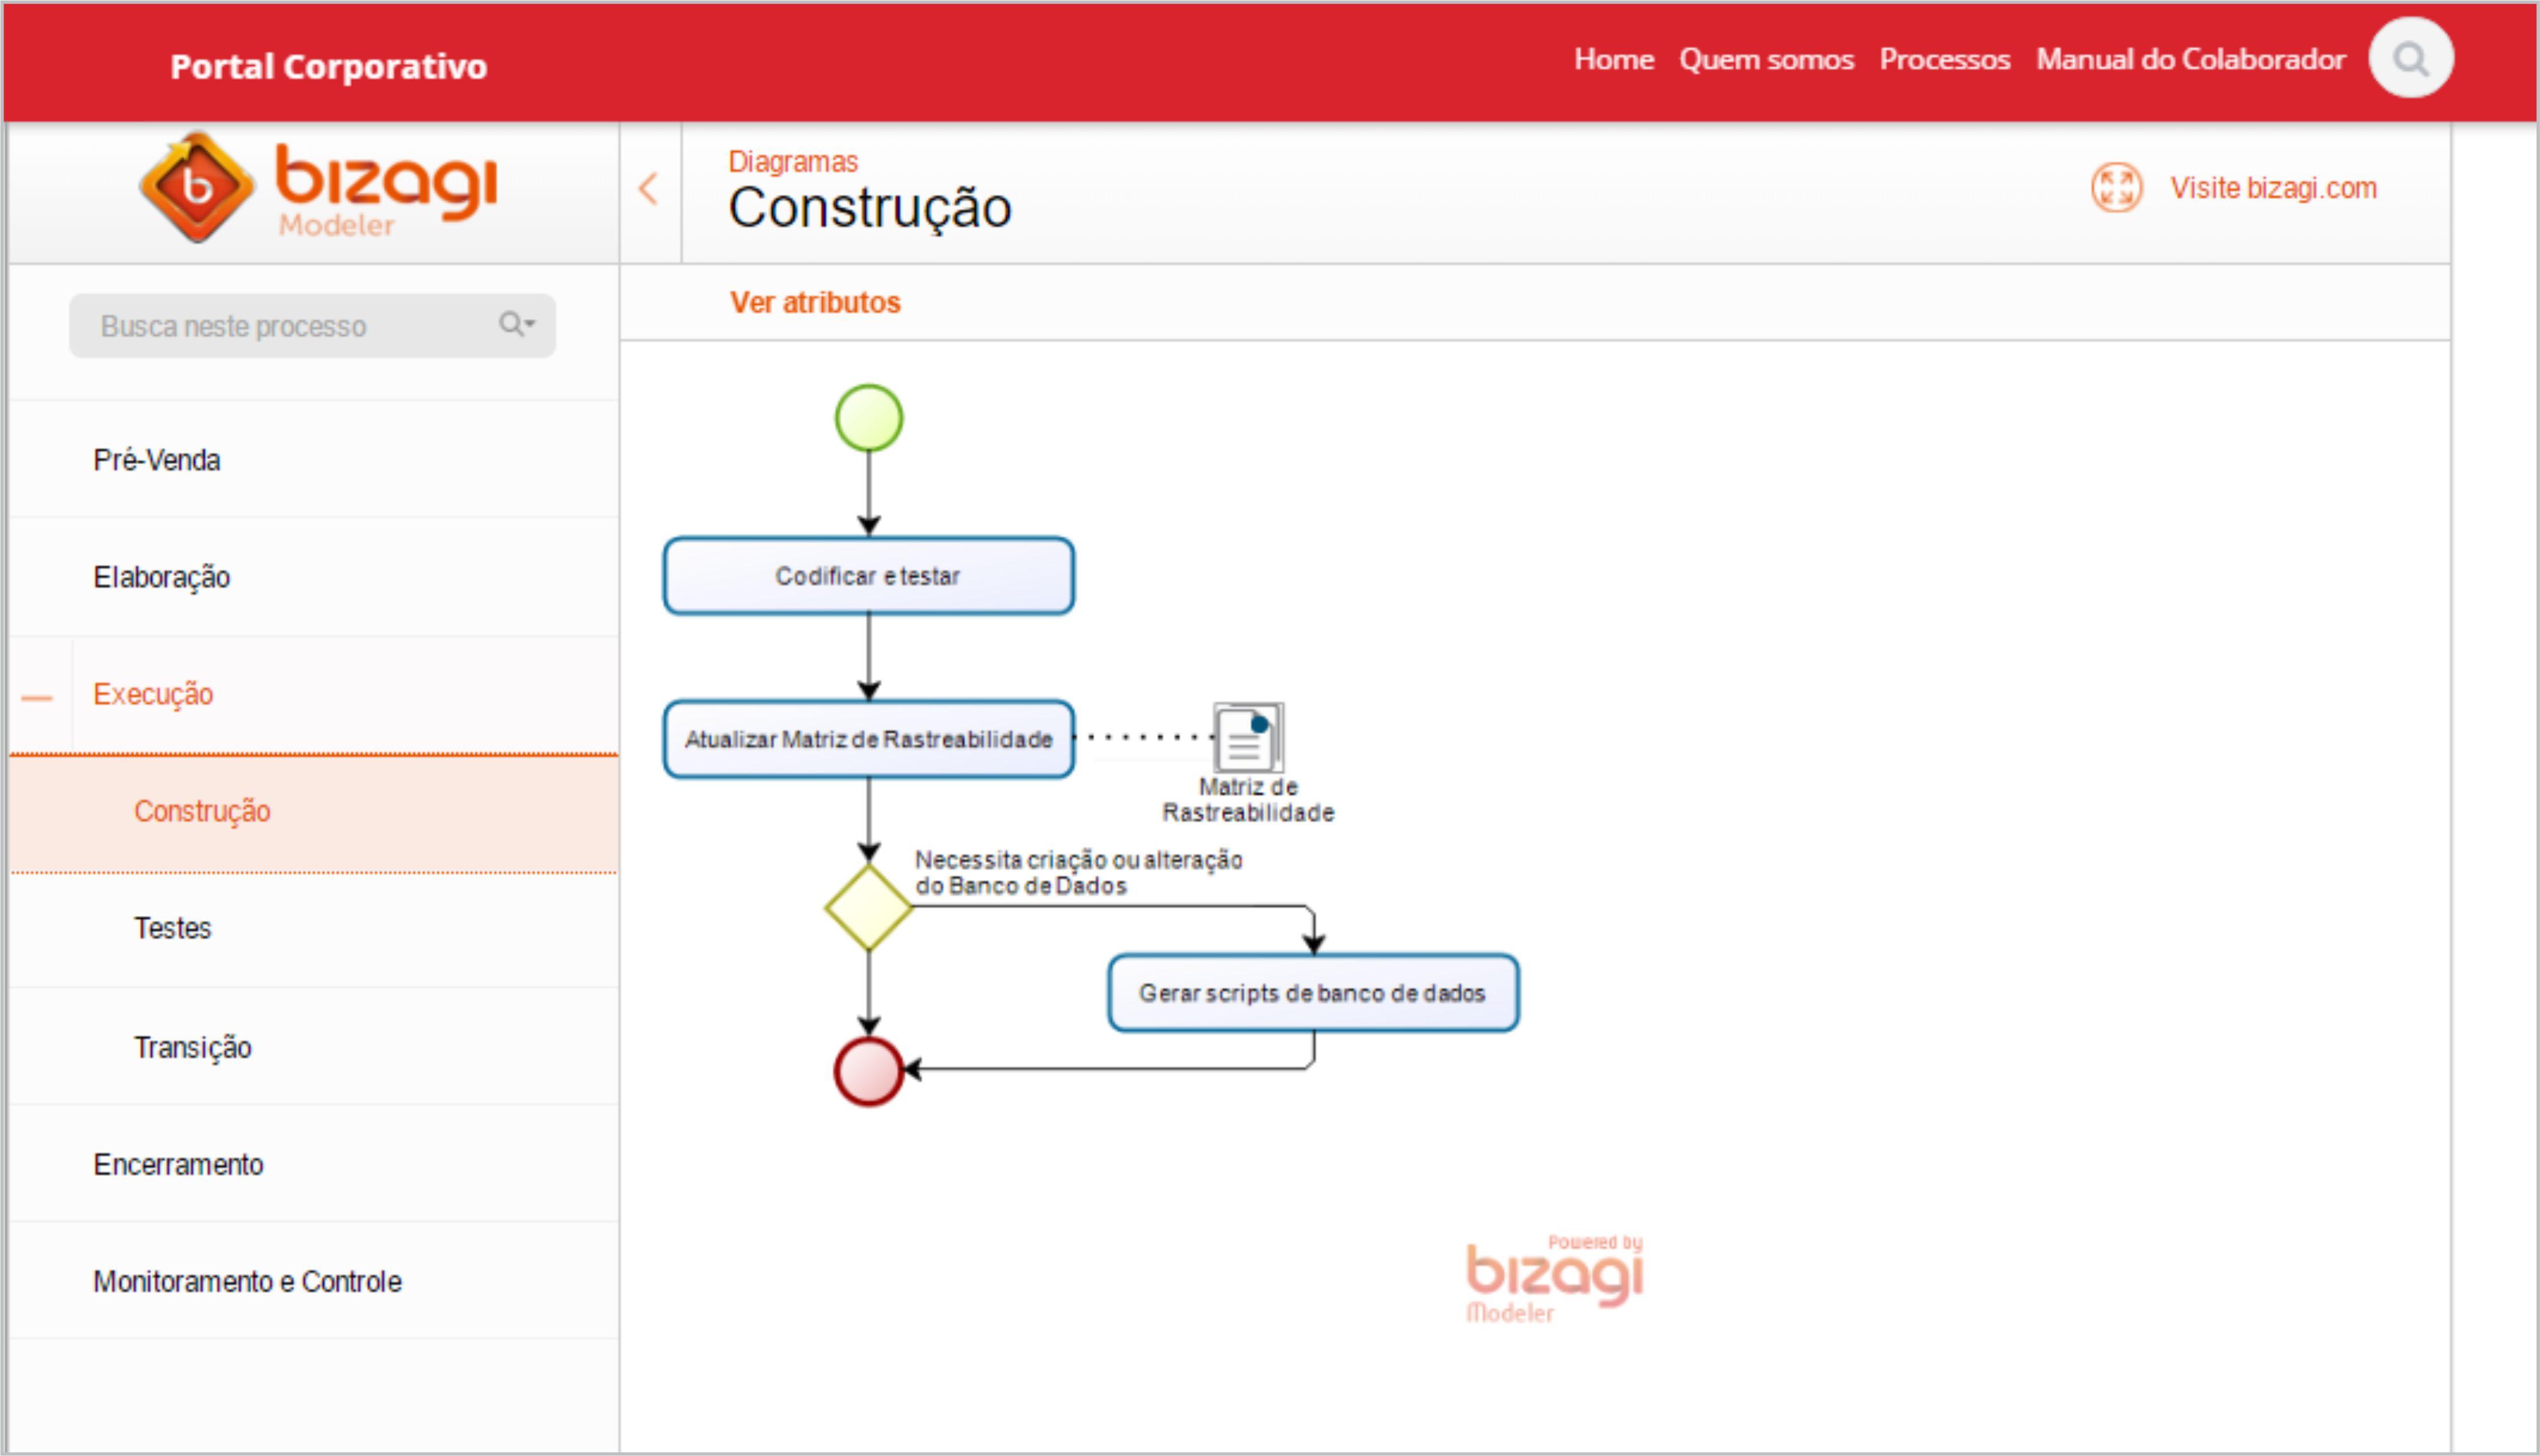 diagramas e fluxos de processos e atividades, procedimentos, guias, roteiros, guias.